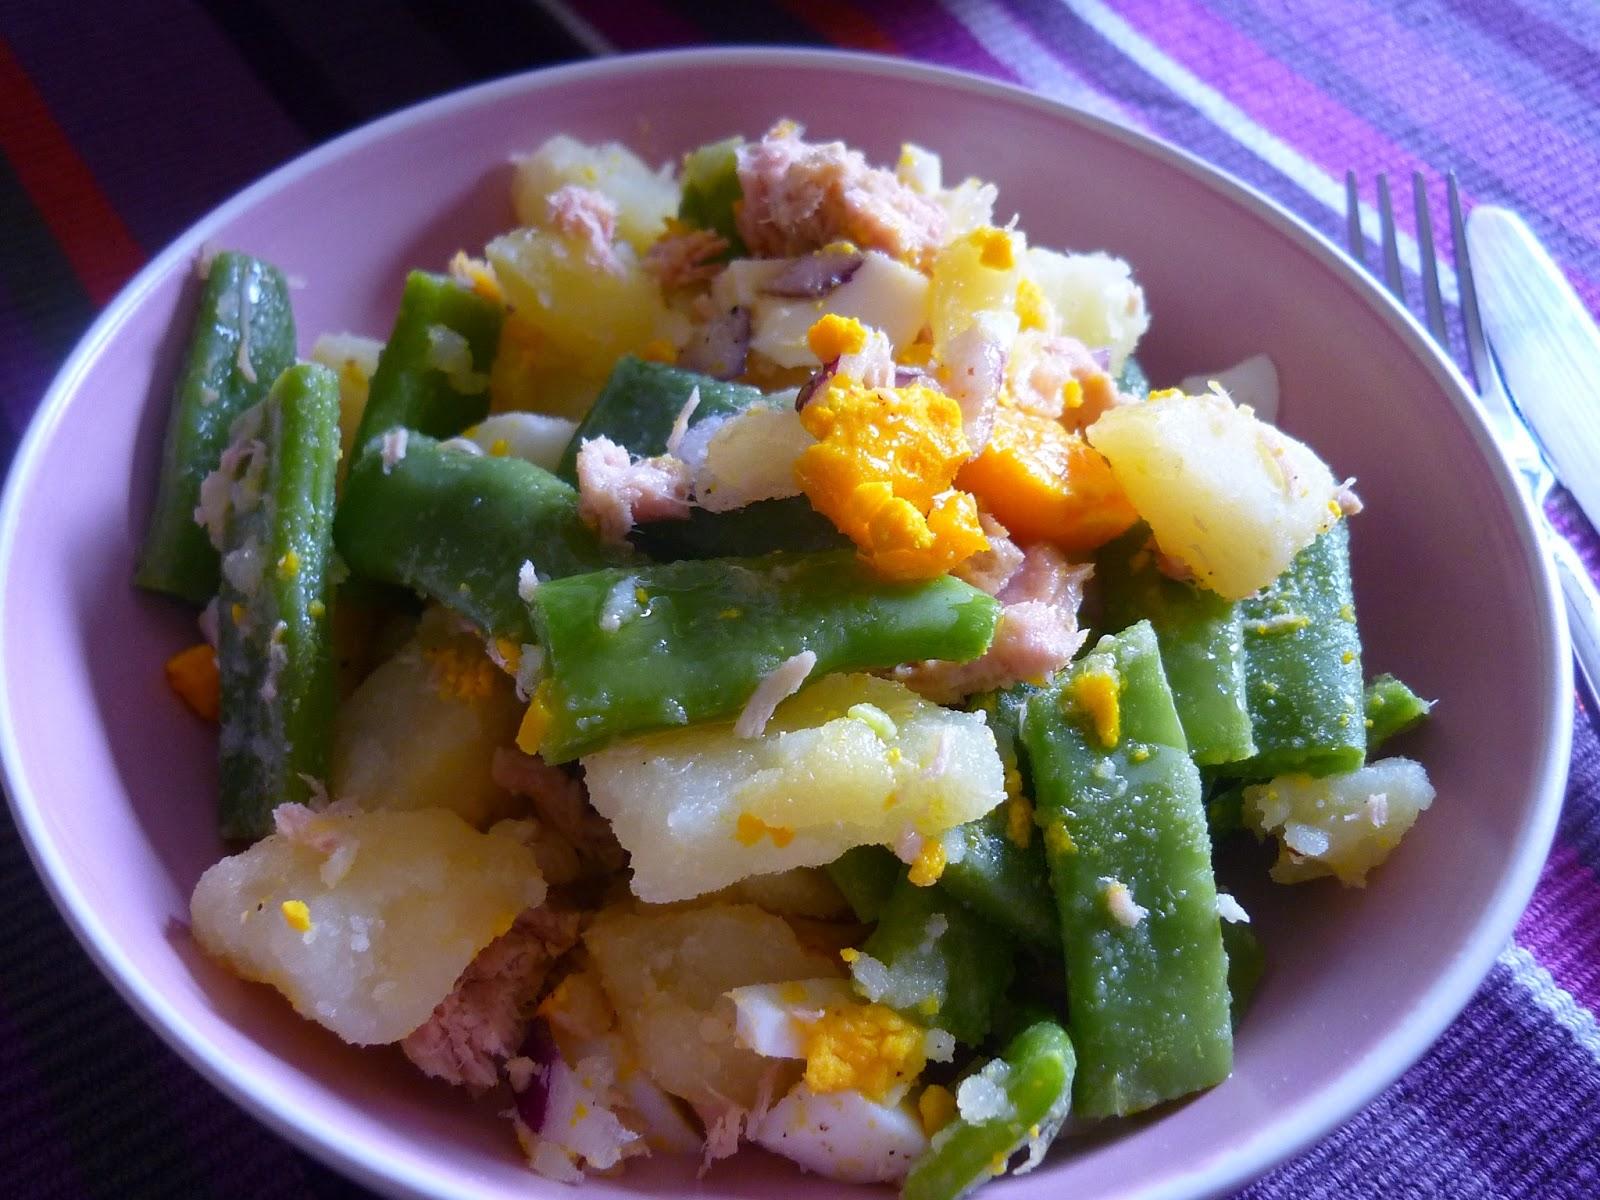 La chef a ensalada de jud as verdes patatas at n y huevo - Ensalada de judias verdes arguinano ...